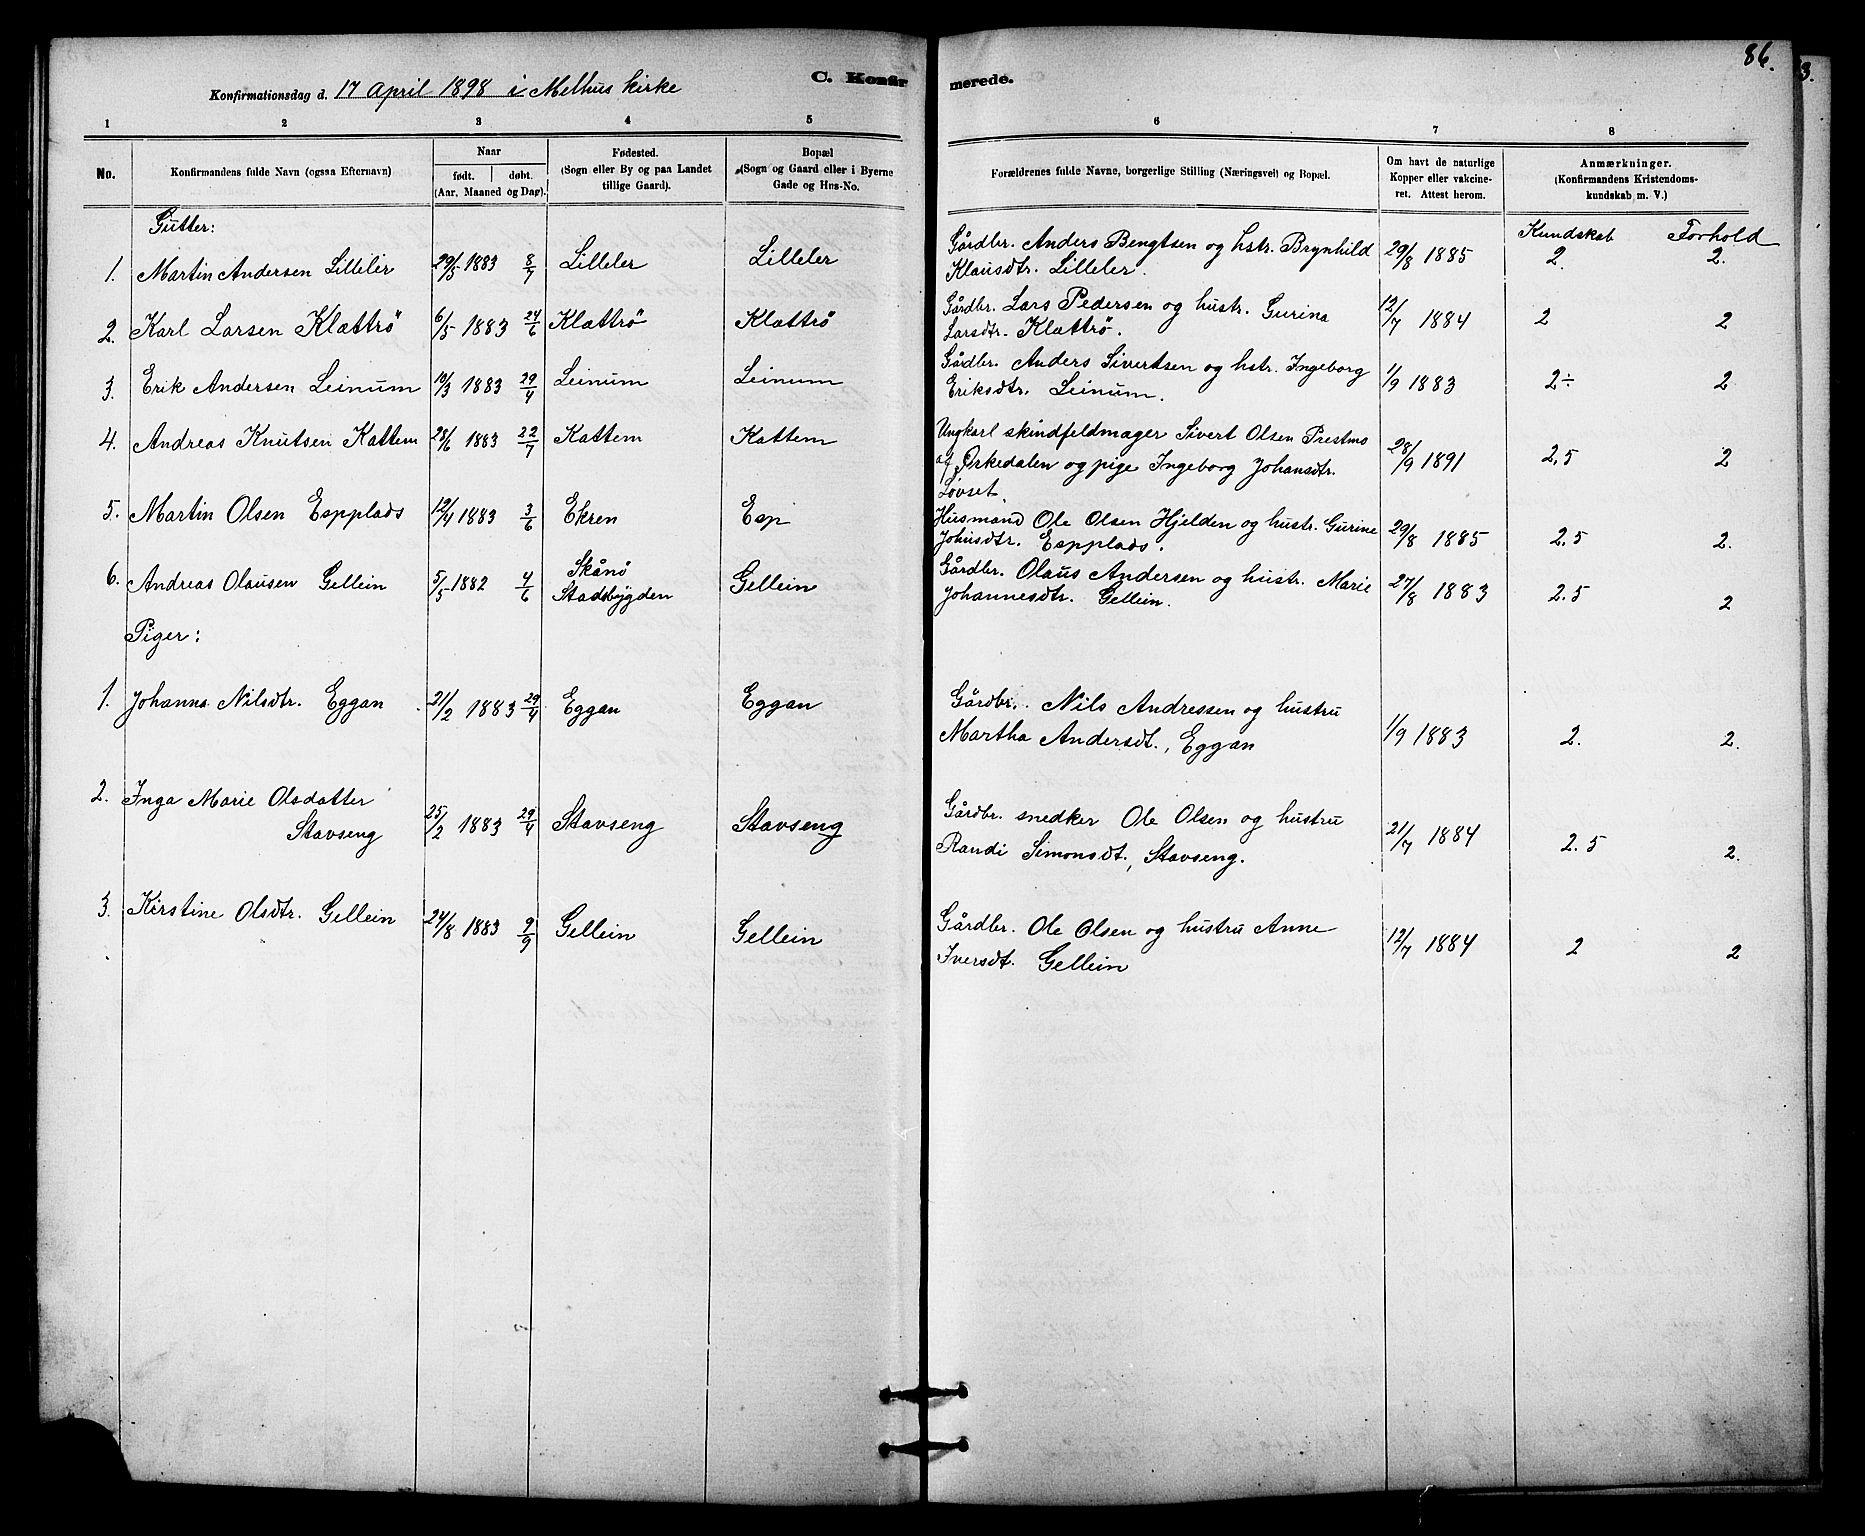 SAT, Ministerialprotokoller, klokkerbøker og fødselsregistre - Sør-Trøndelag, 613/L0395: Klokkerbok nr. 613C03, 1887-1909, s. 86